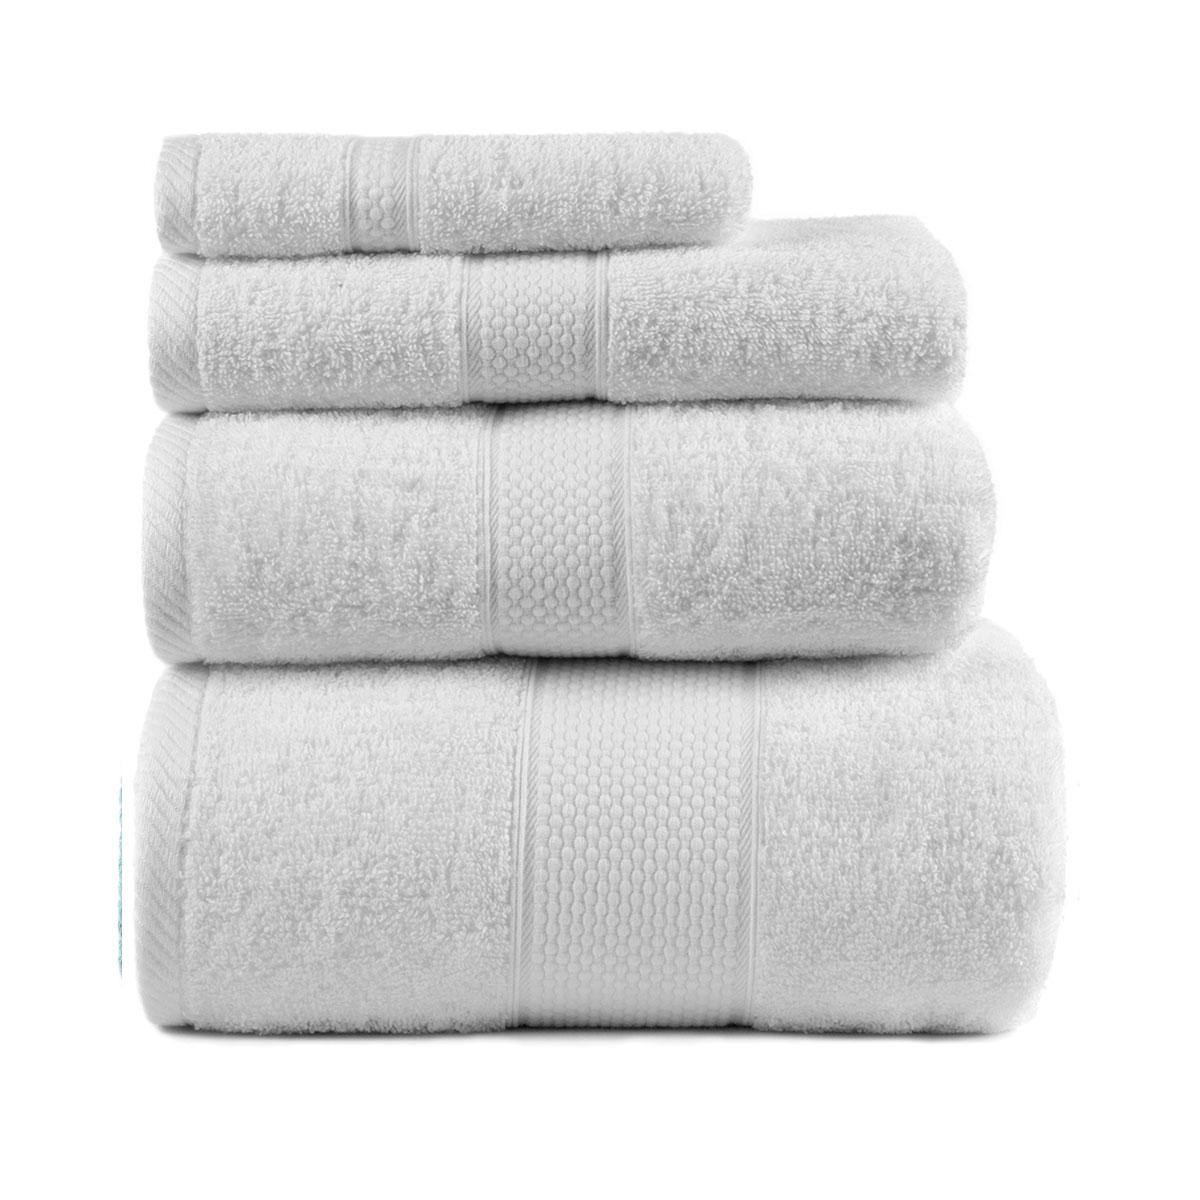 Полотенце для тела Arya Miranda Soft 100*150 см махровое банное белое арт.TR1002480